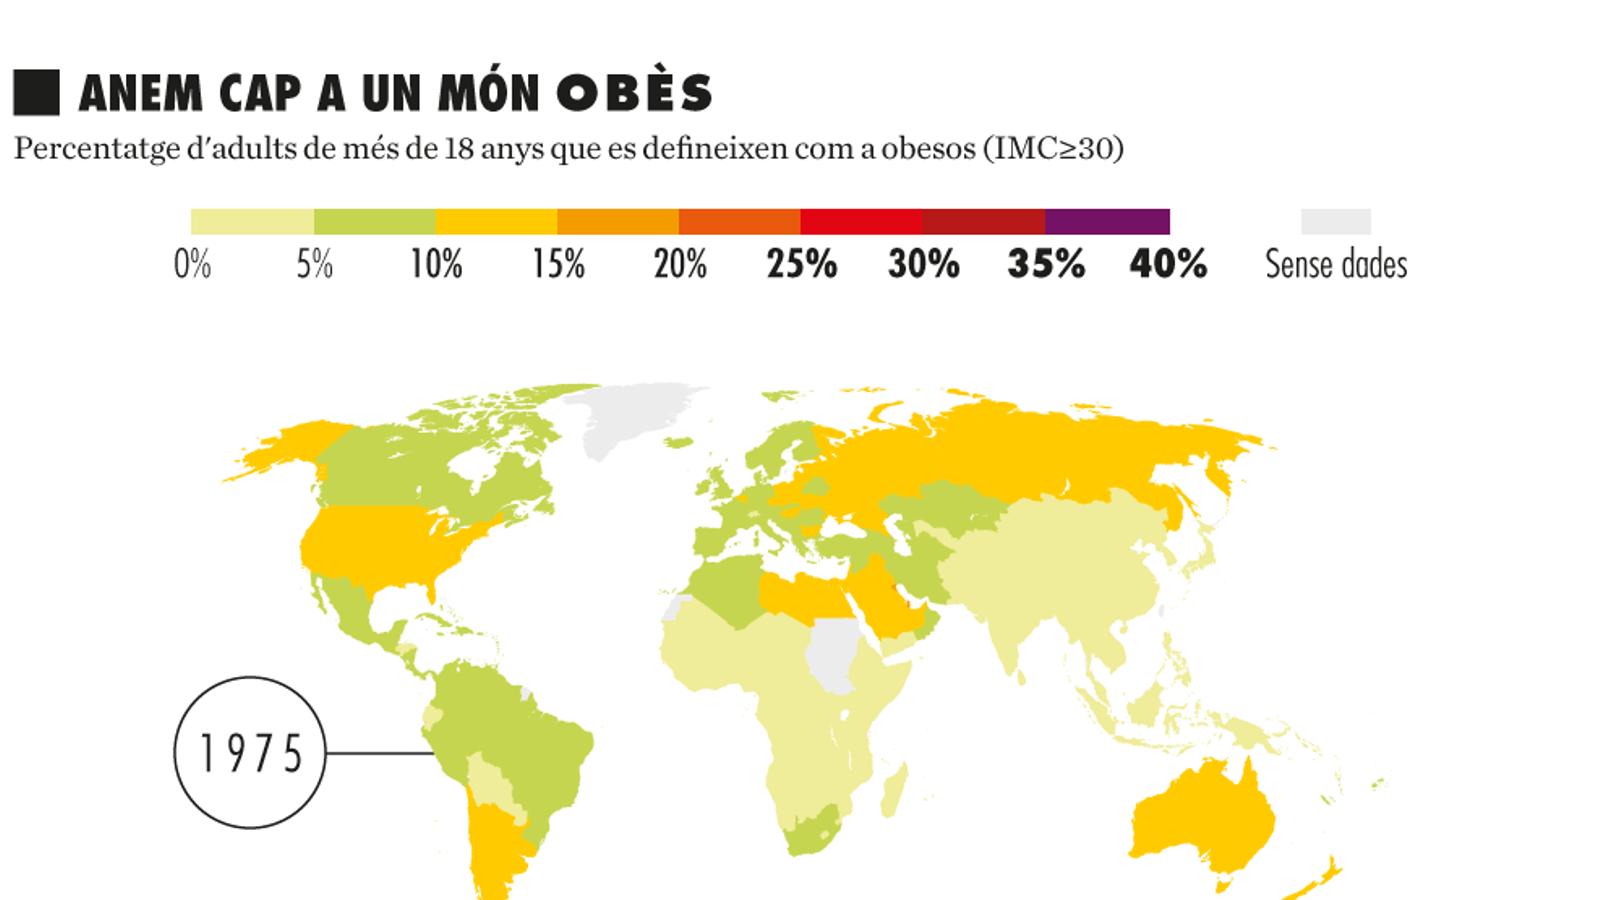 Obesitat i sobrepès: l'altra malnutrició